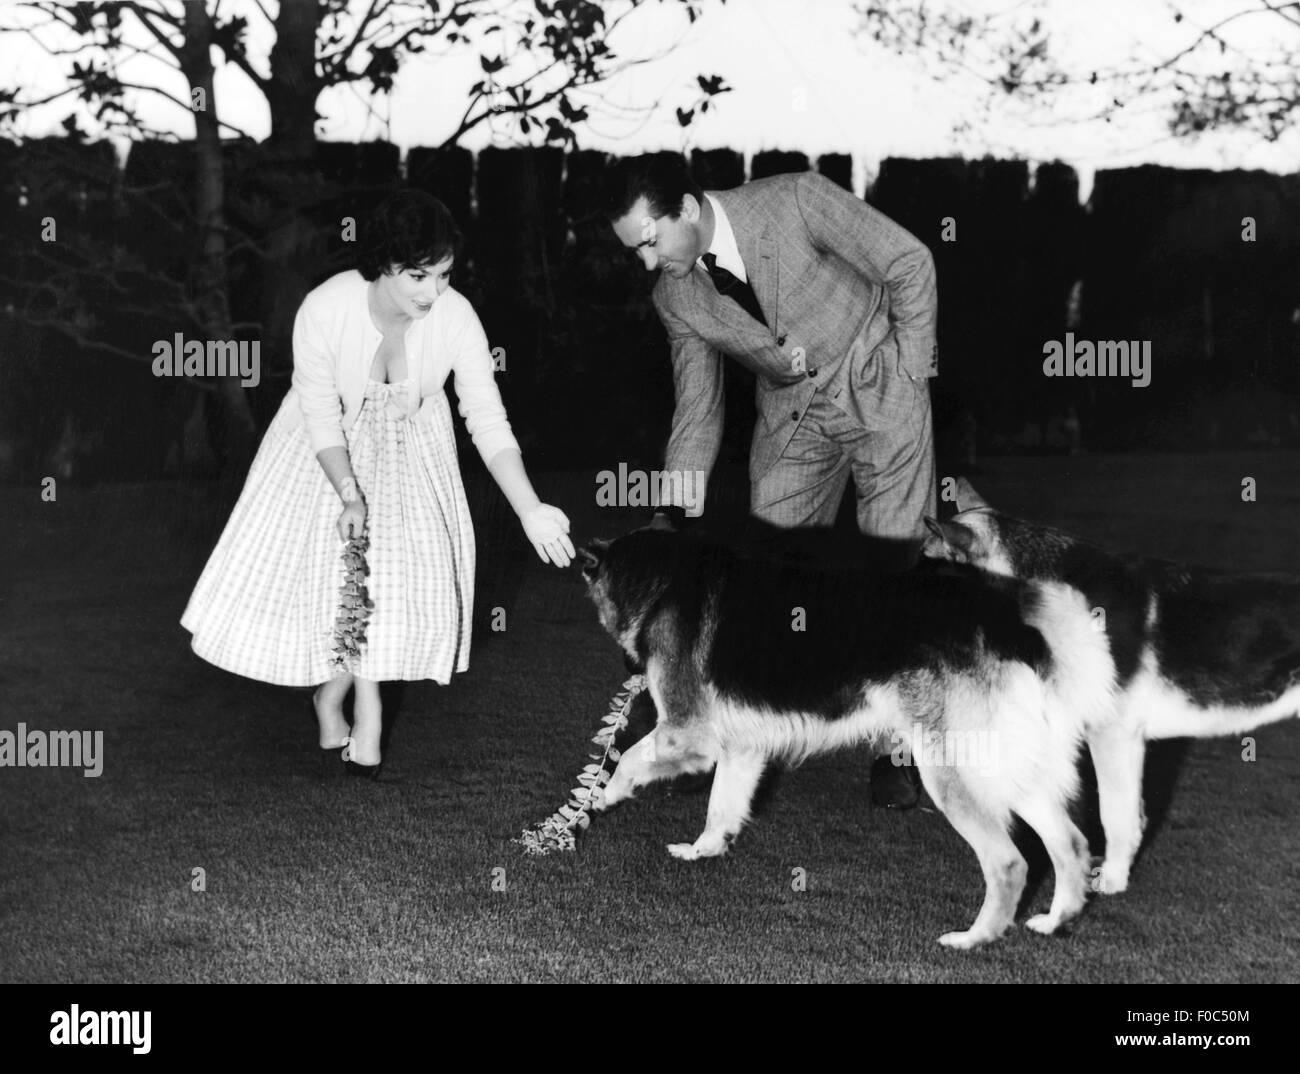 Gina Lollobrigida, with husband Milko Skofic, 1950s - Stock Image